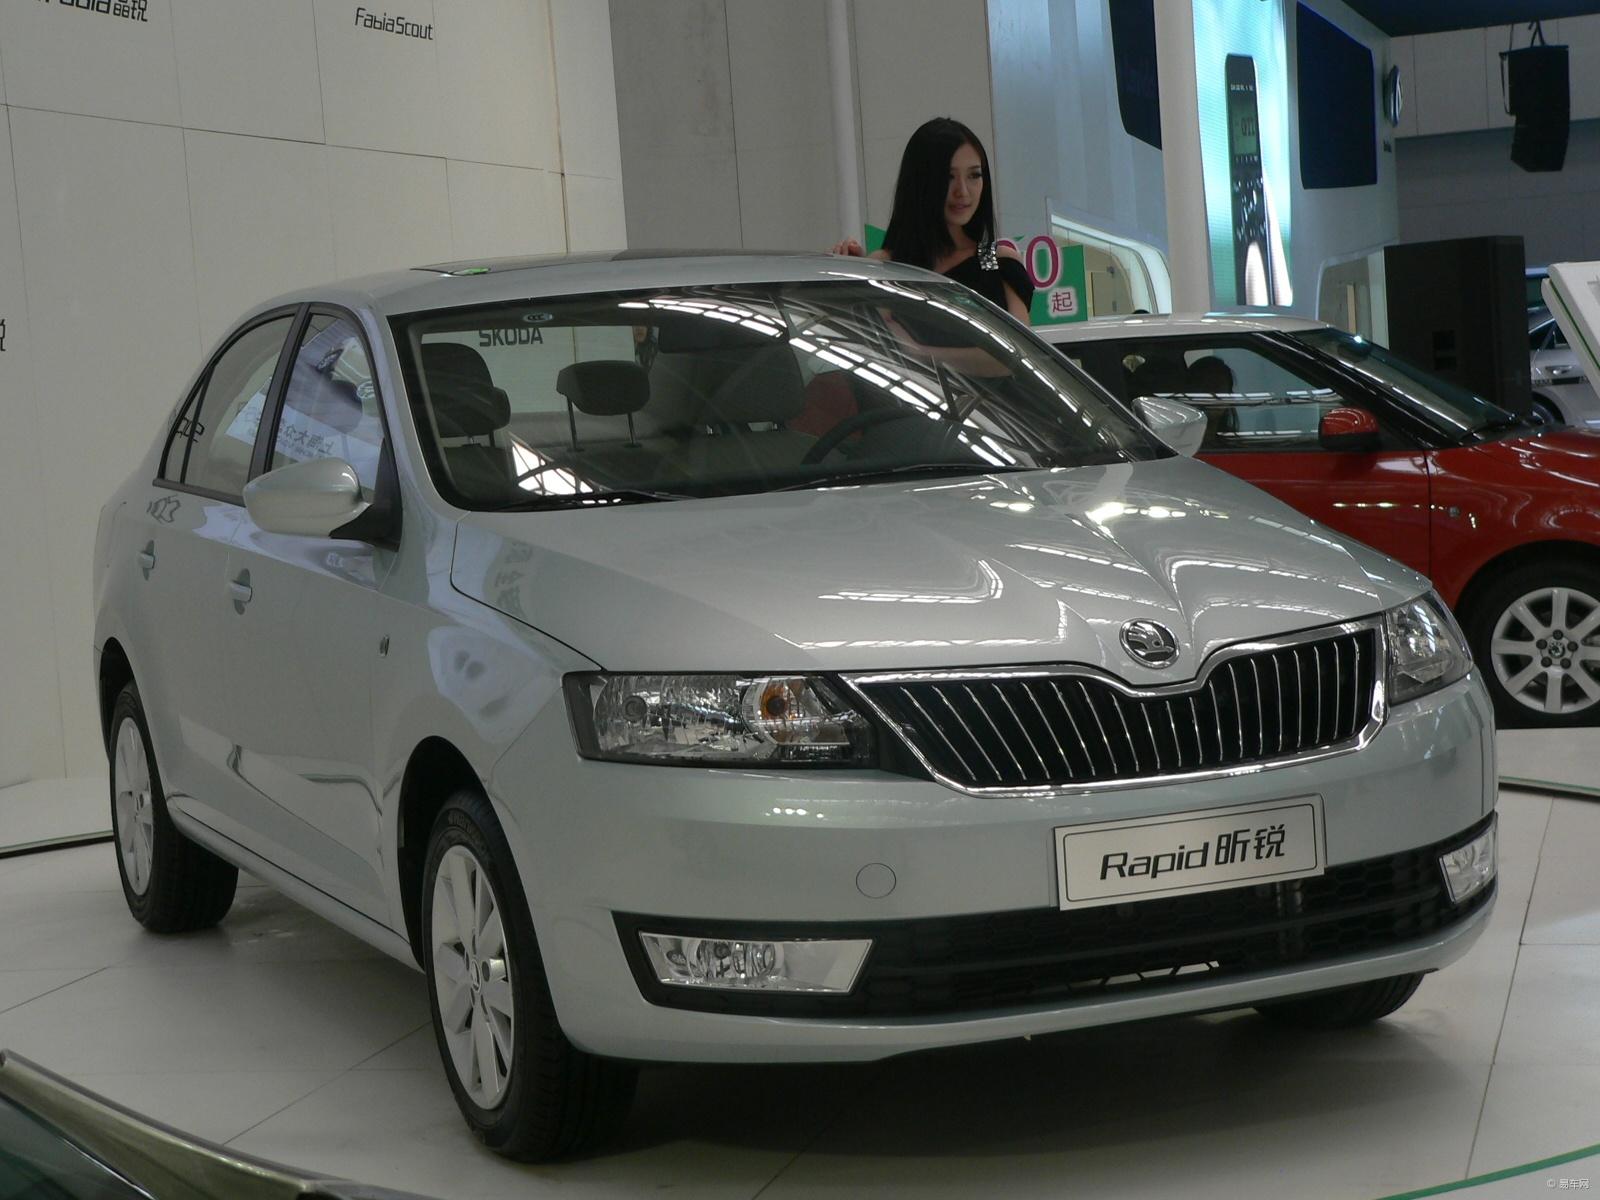 """上海大众斯柯达展台当之无愧的明星车型,Rapid 昕锐成为最大的焦点,吸引了众多观众驻足观看。Rapid 昕锐是采用斯柯达品牌全新设计语言的第一款车型,也是上海大众斯柯达第一款采用斯柯达全新品牌平牌标示的车型,清新时尚的造型设计备受市场青睐,特别是源自于捷克著名的水晶切割工艺的设计个风格深受消费者喜爱。而在驾乘空间,动力操控,人性化配置等方面,Rapid 昕锐也完美传承了上海大众斯柯达""""锐""""系家族的传统优势,有着出色的综合实力和超高性价比。车展现场,这款新锐车型赢得了超高人气,赏车"""